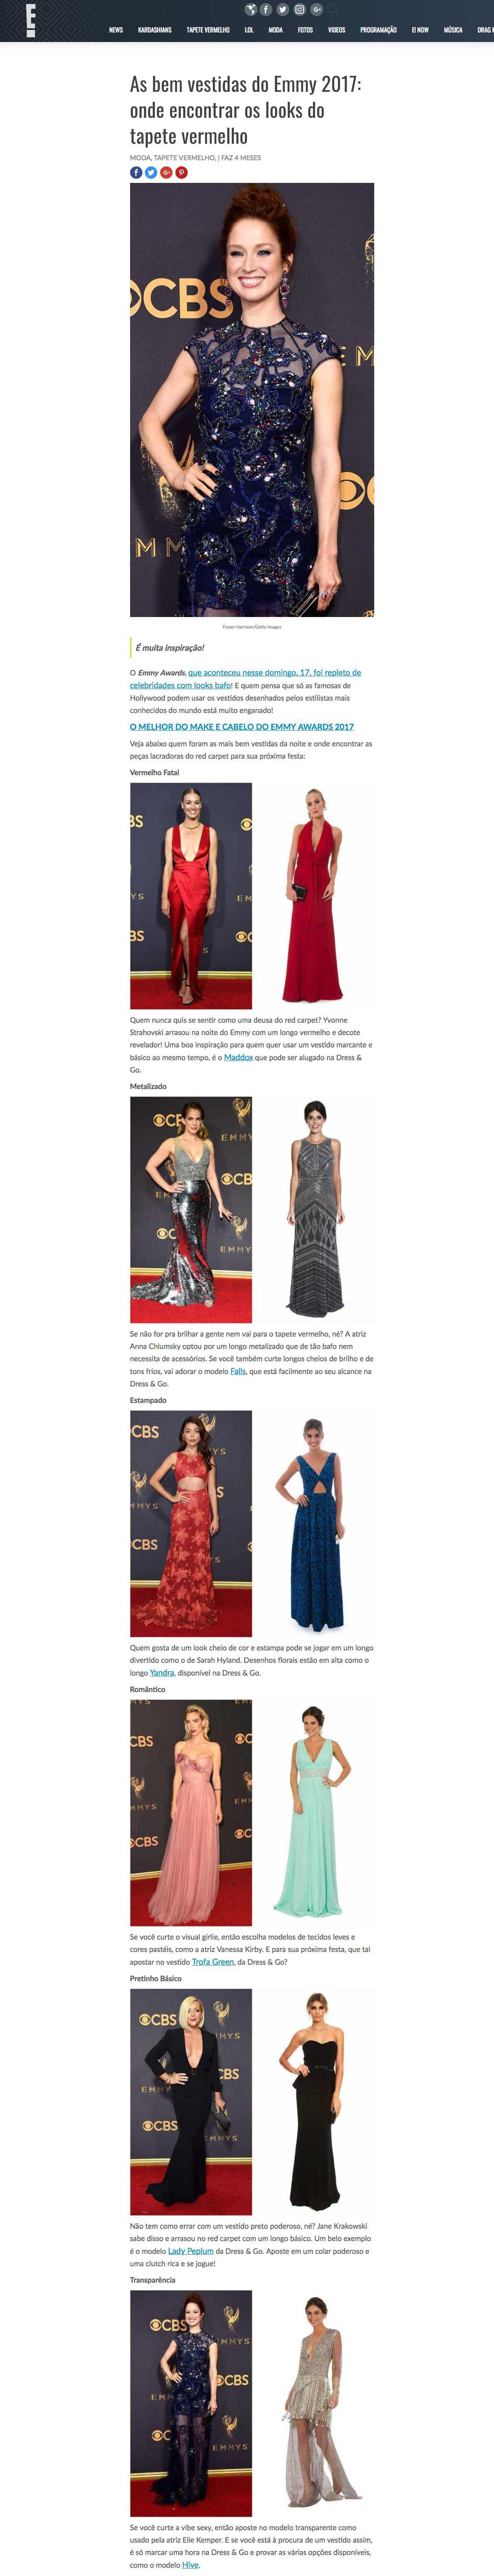 E! Online Brasil Emmy 2017